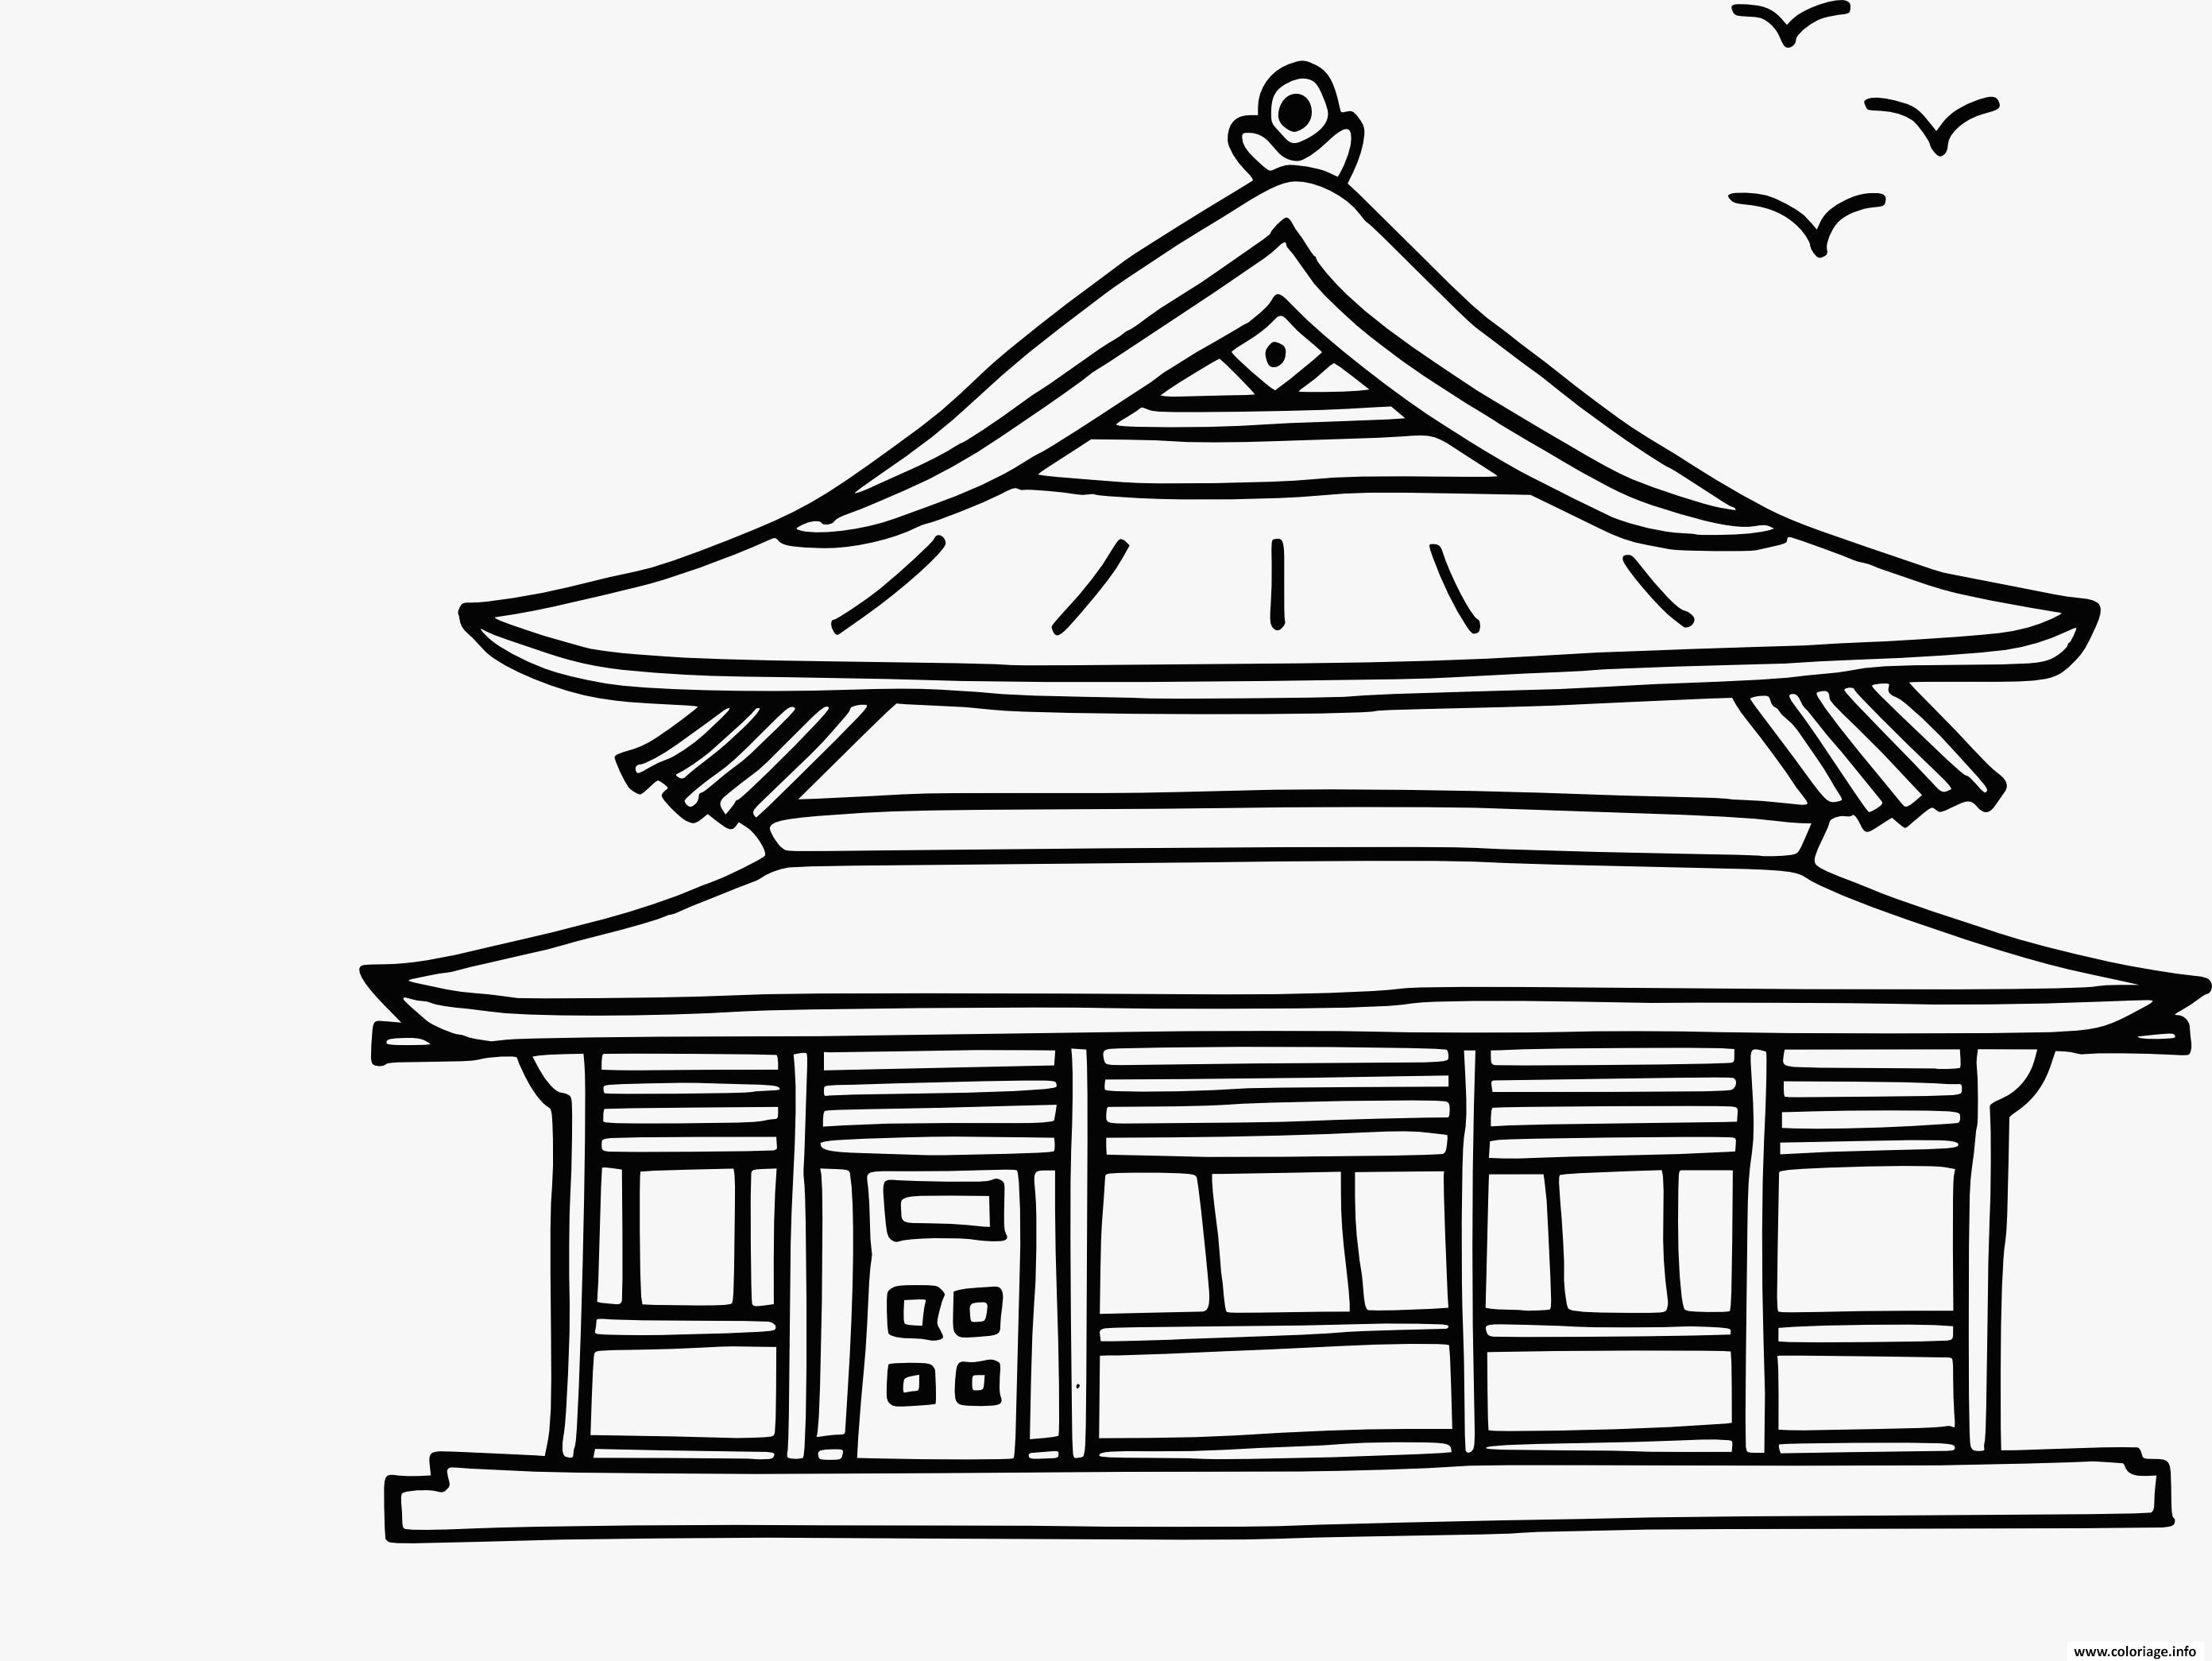 Coloriage Maison Asiatique Chinoise Traditionnelle Jecolorie Com